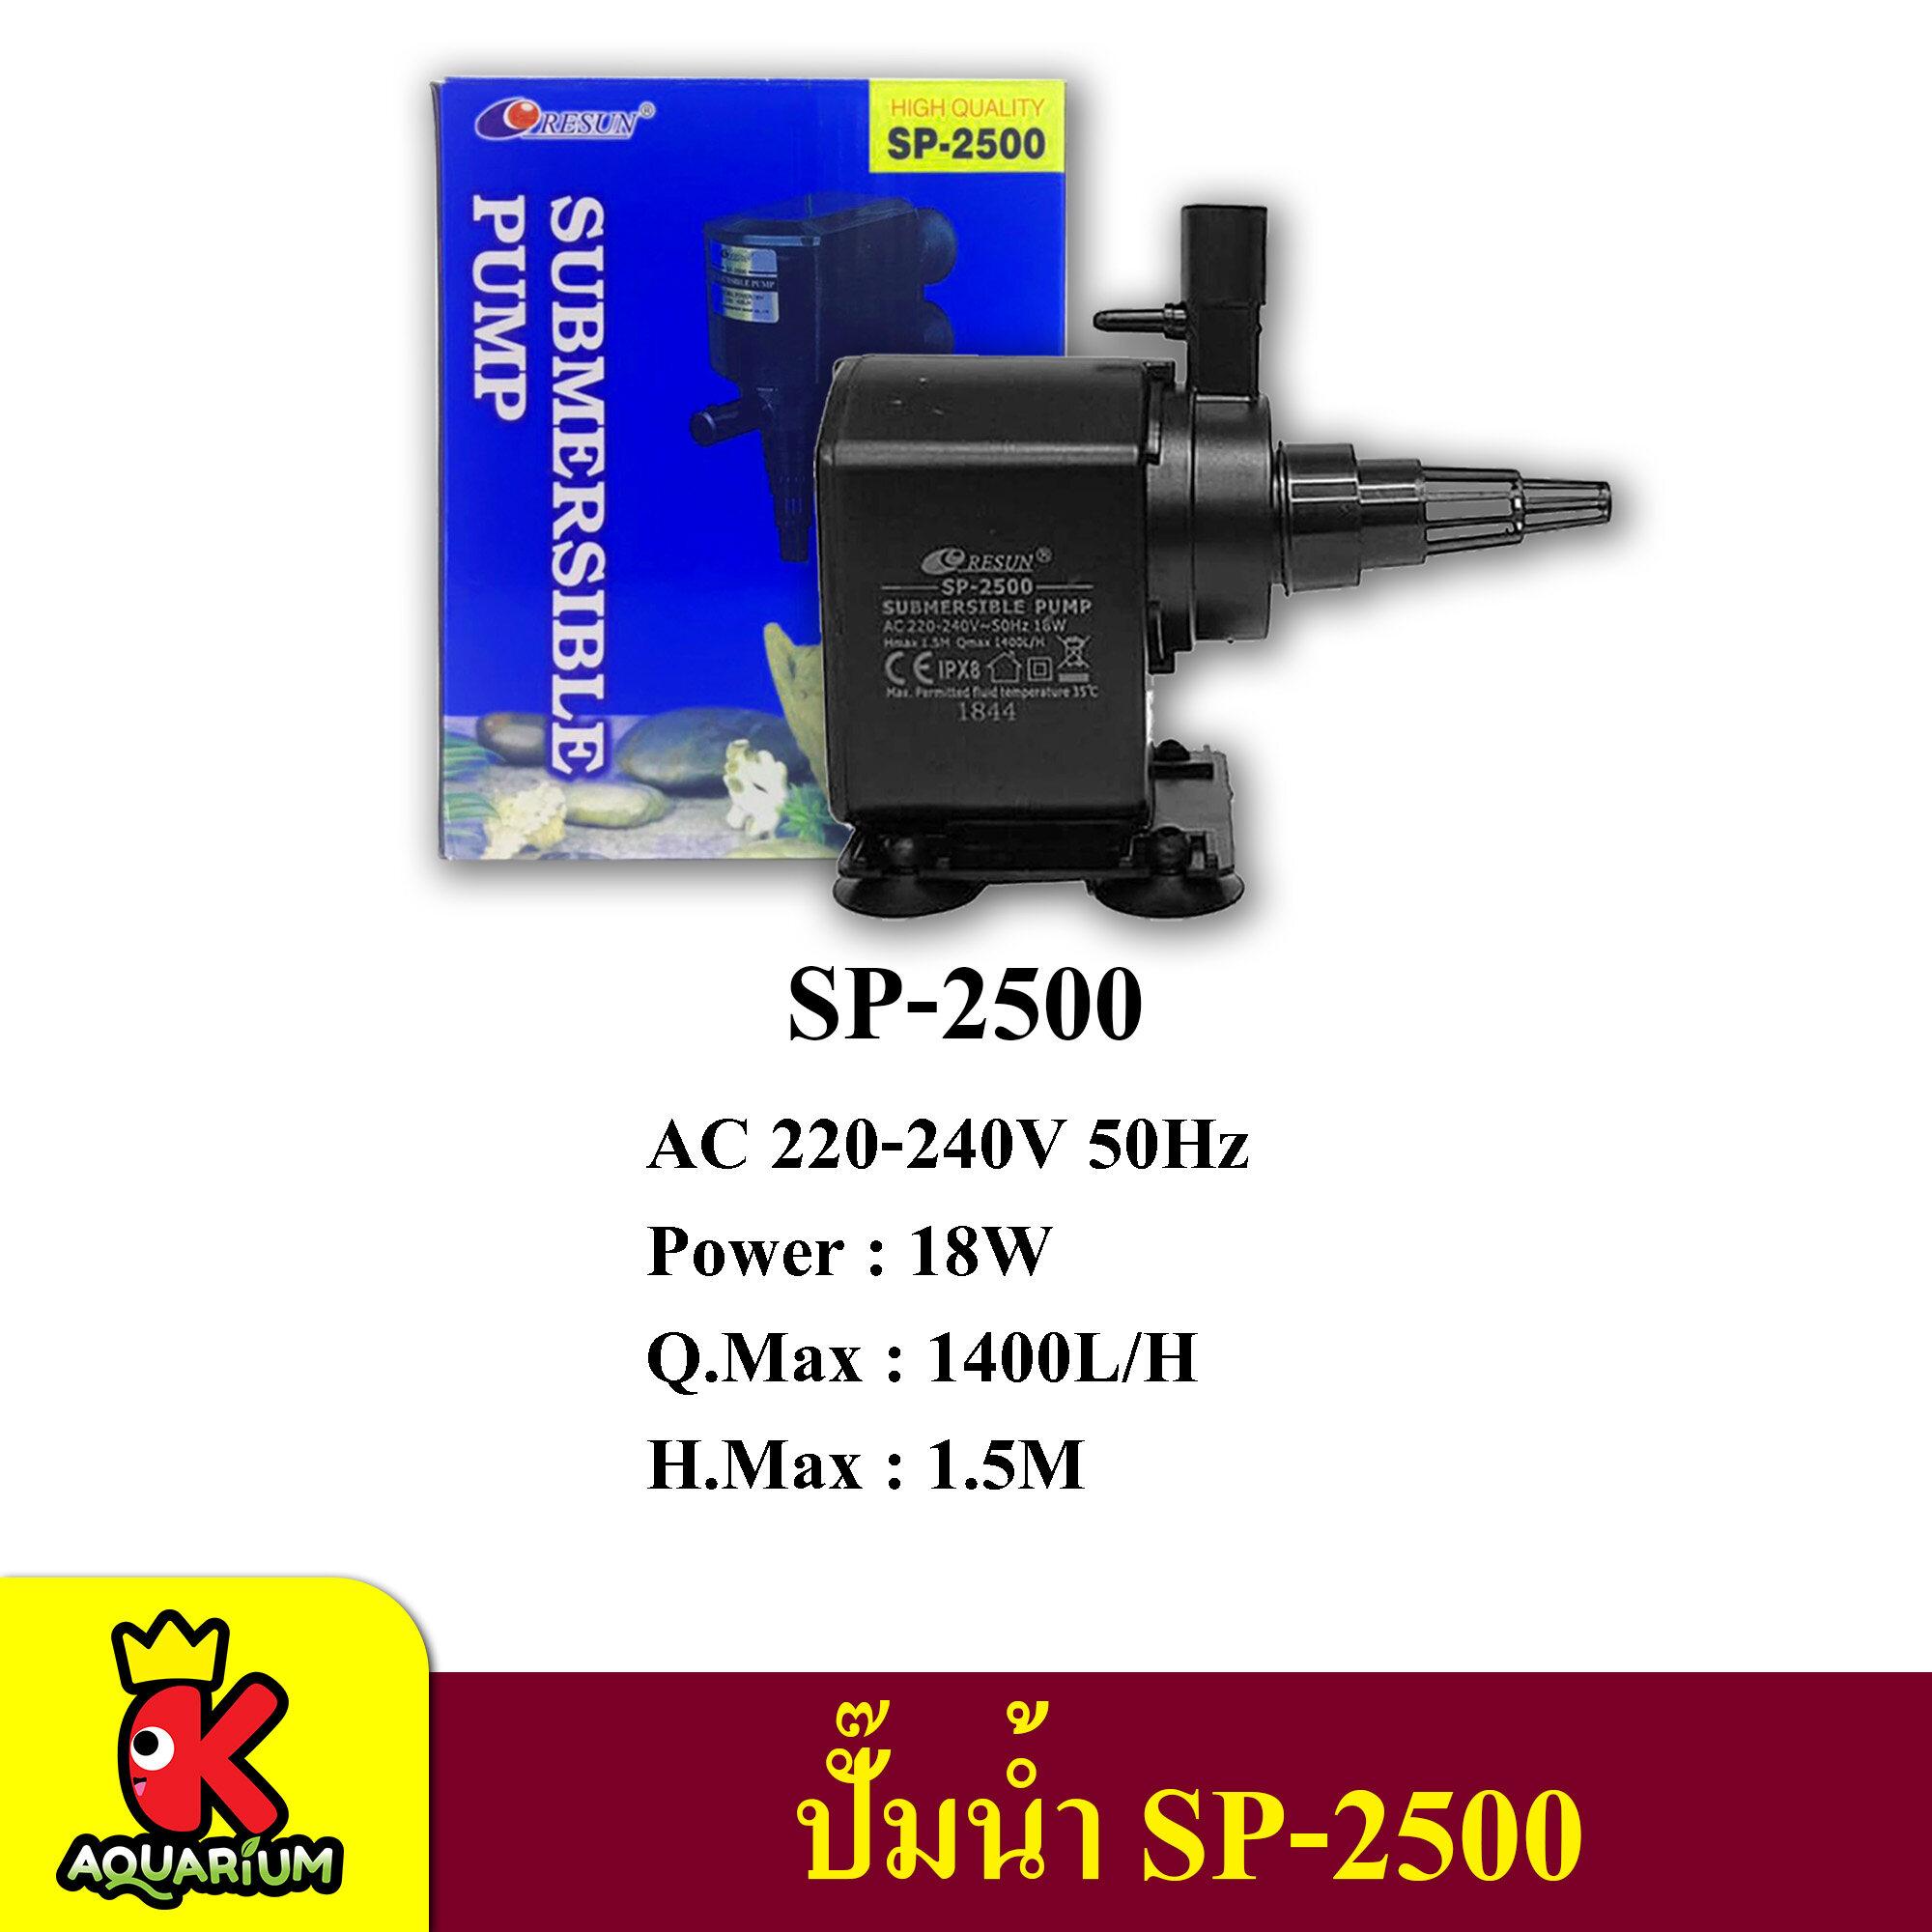 ปั๊มน้ำ Resun SP Series ใช้สำหรับทำระบบกรอง น้ำพุ น้ำตก ปั๊มน้ำขนาดกลาง ( SP-2500  SP-3800 )